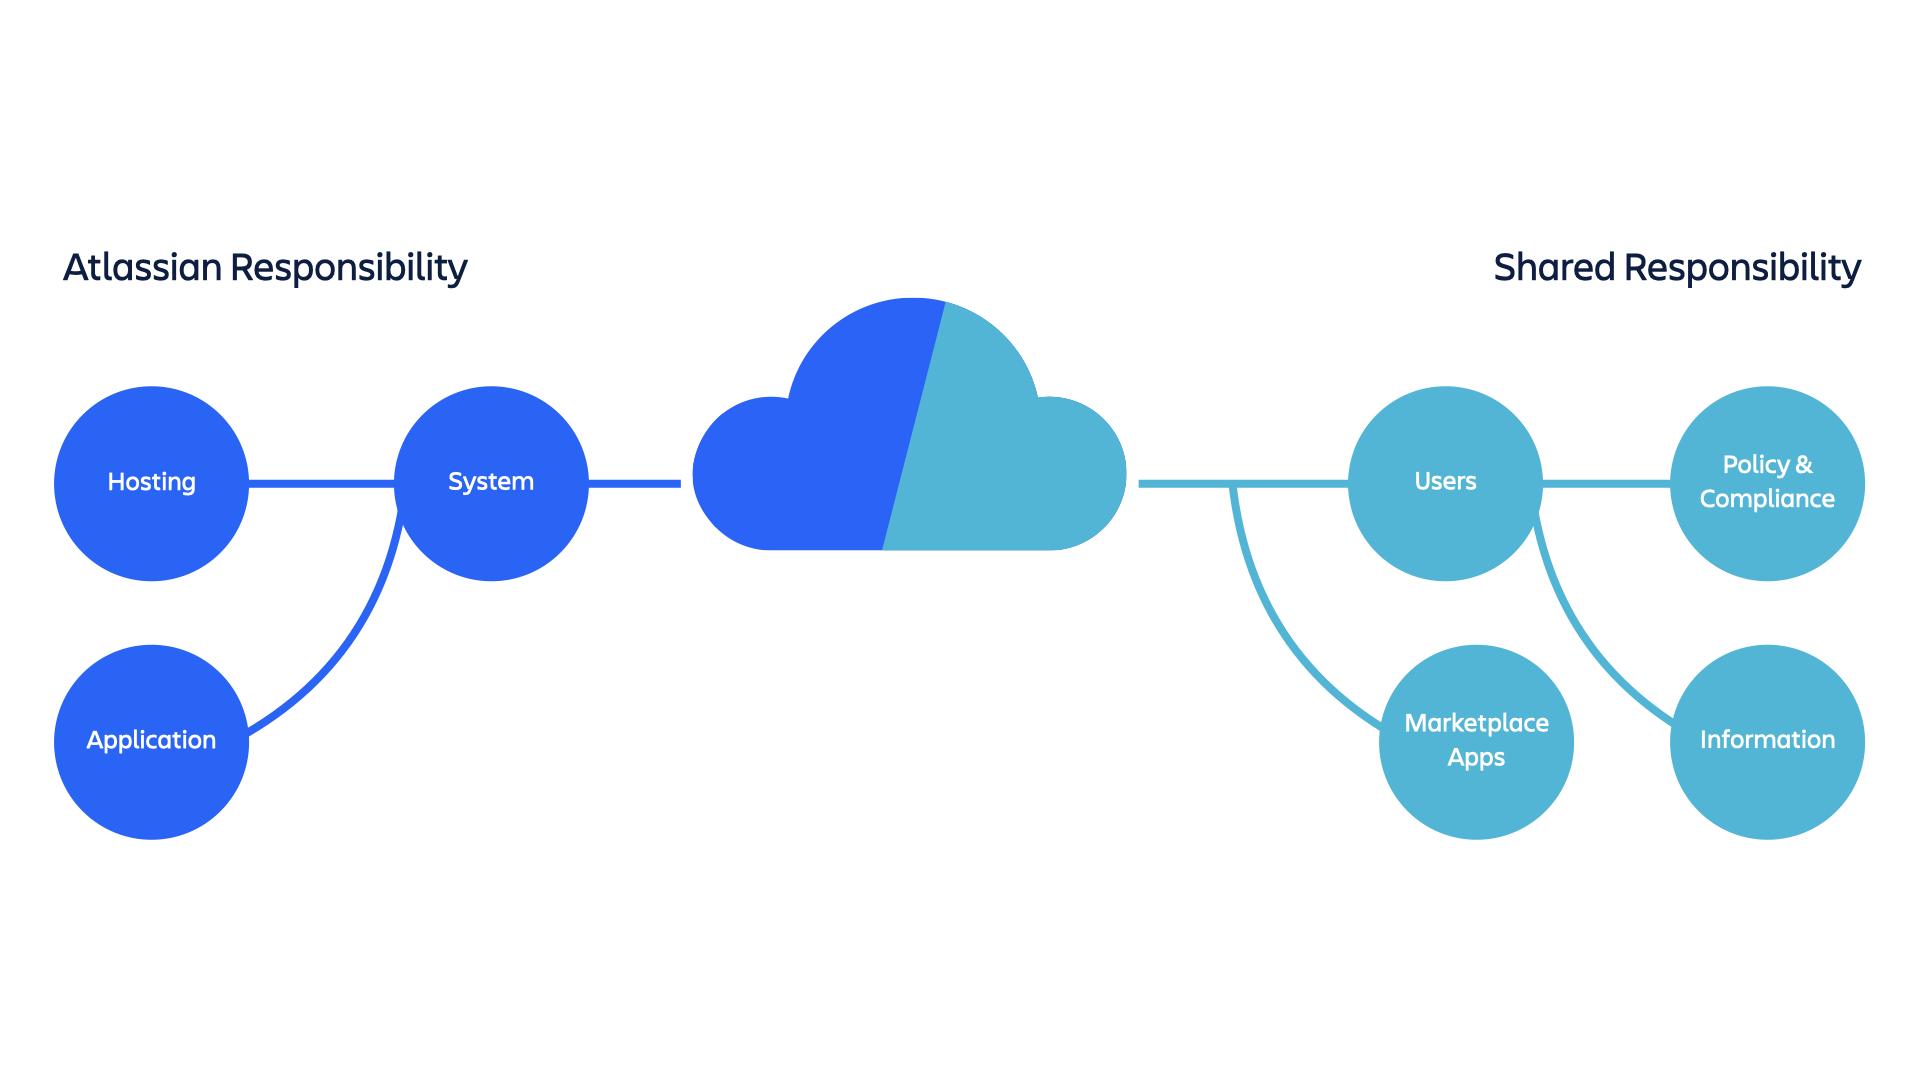 Diagrama da responsabilidade e da responsabilidade compartilhada da Atlassian